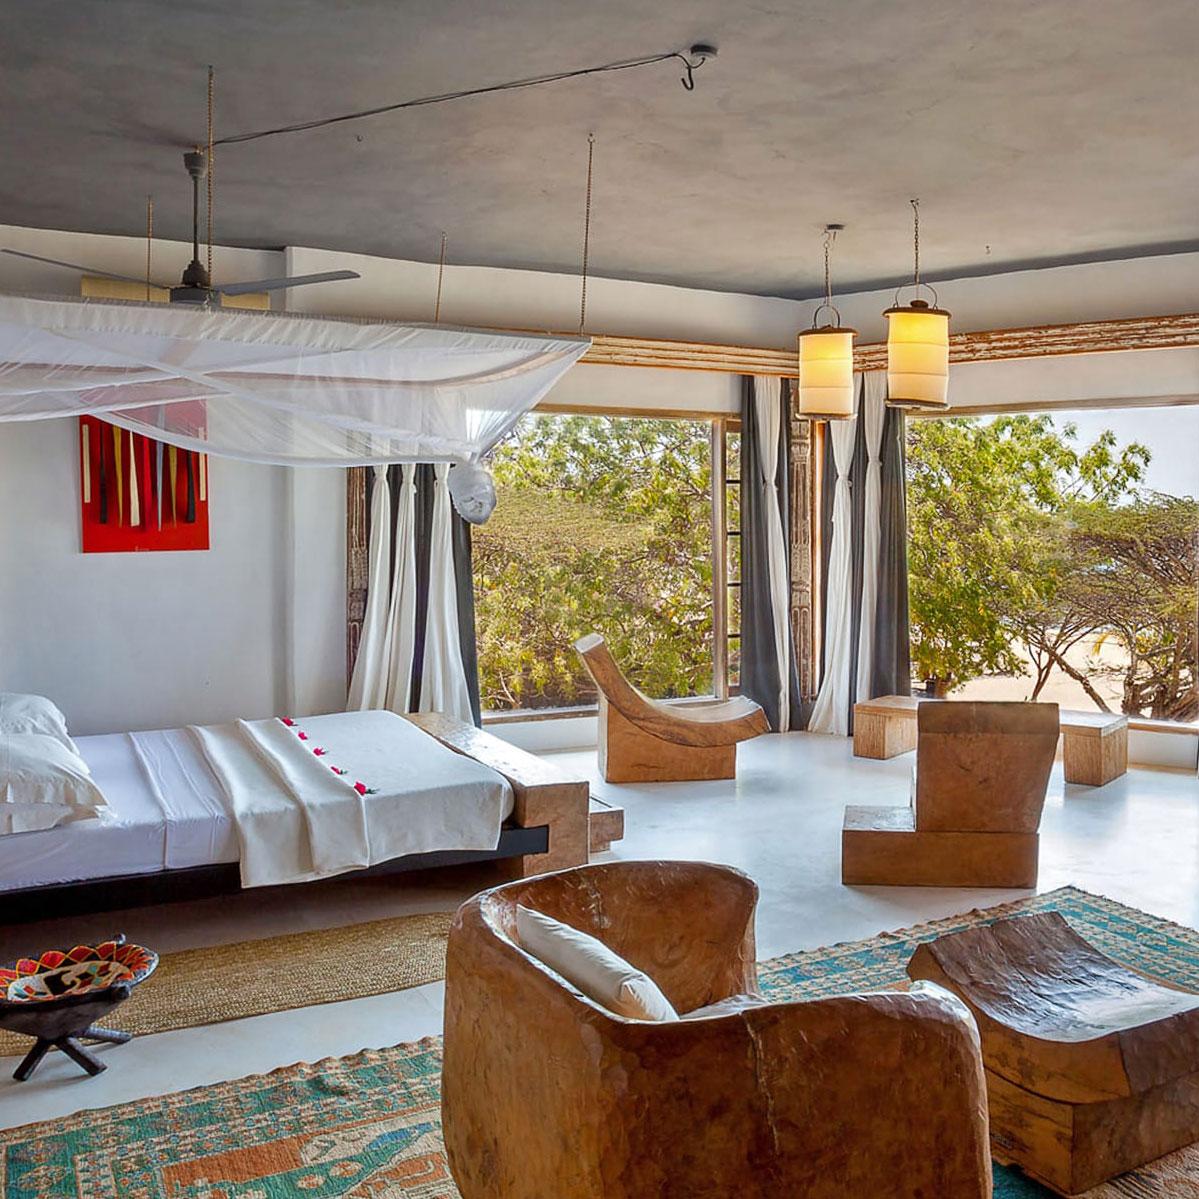 The Majlis Resort